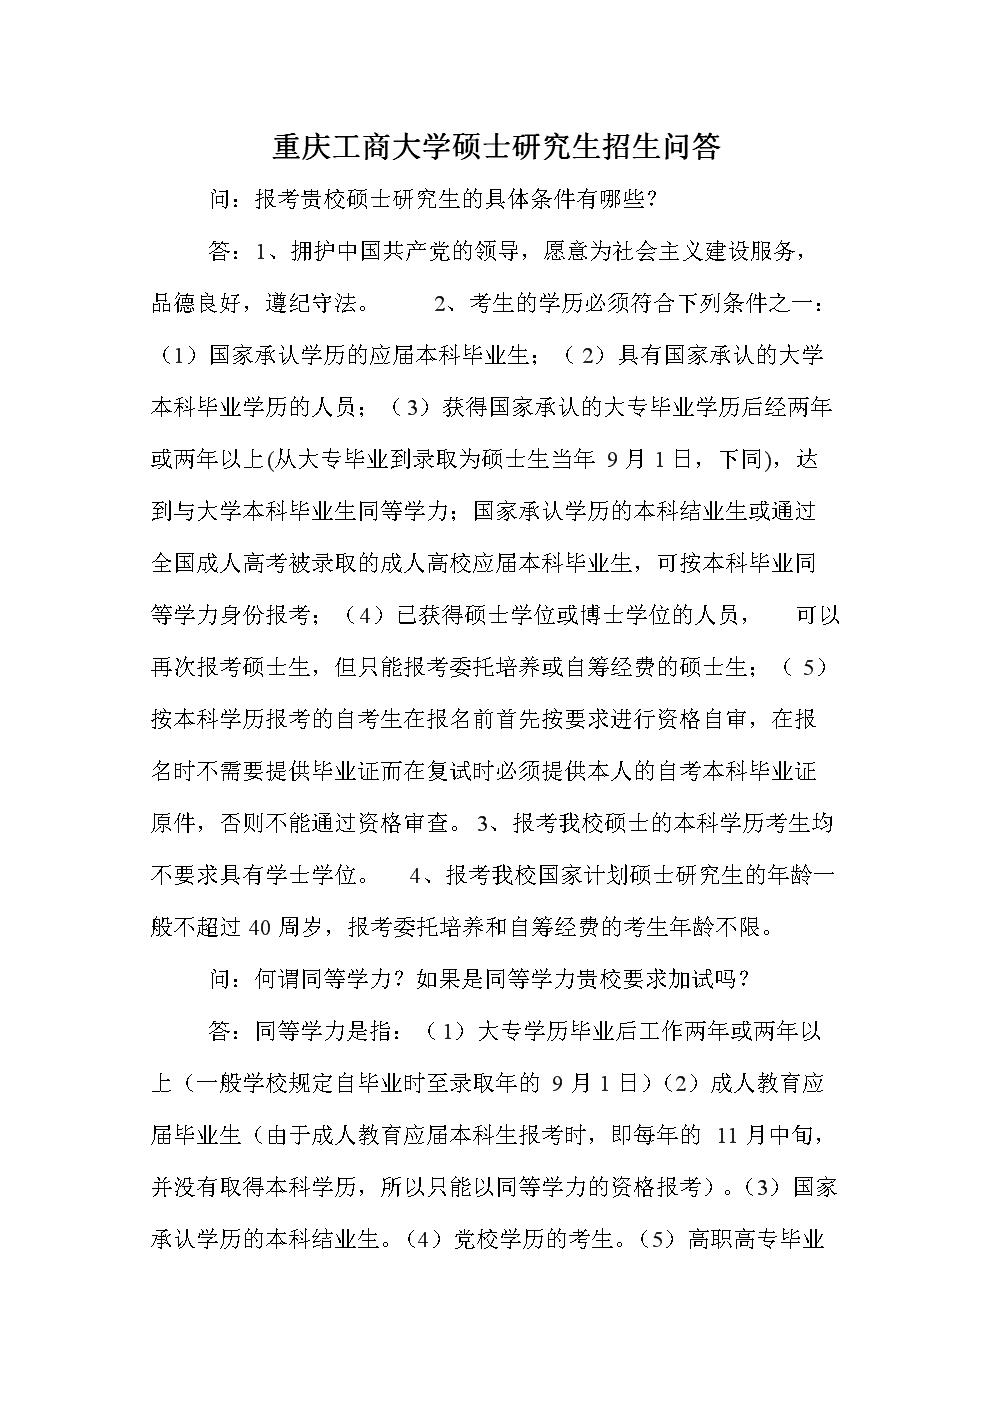 重庆工商大学硕士研究生招生问答.doc